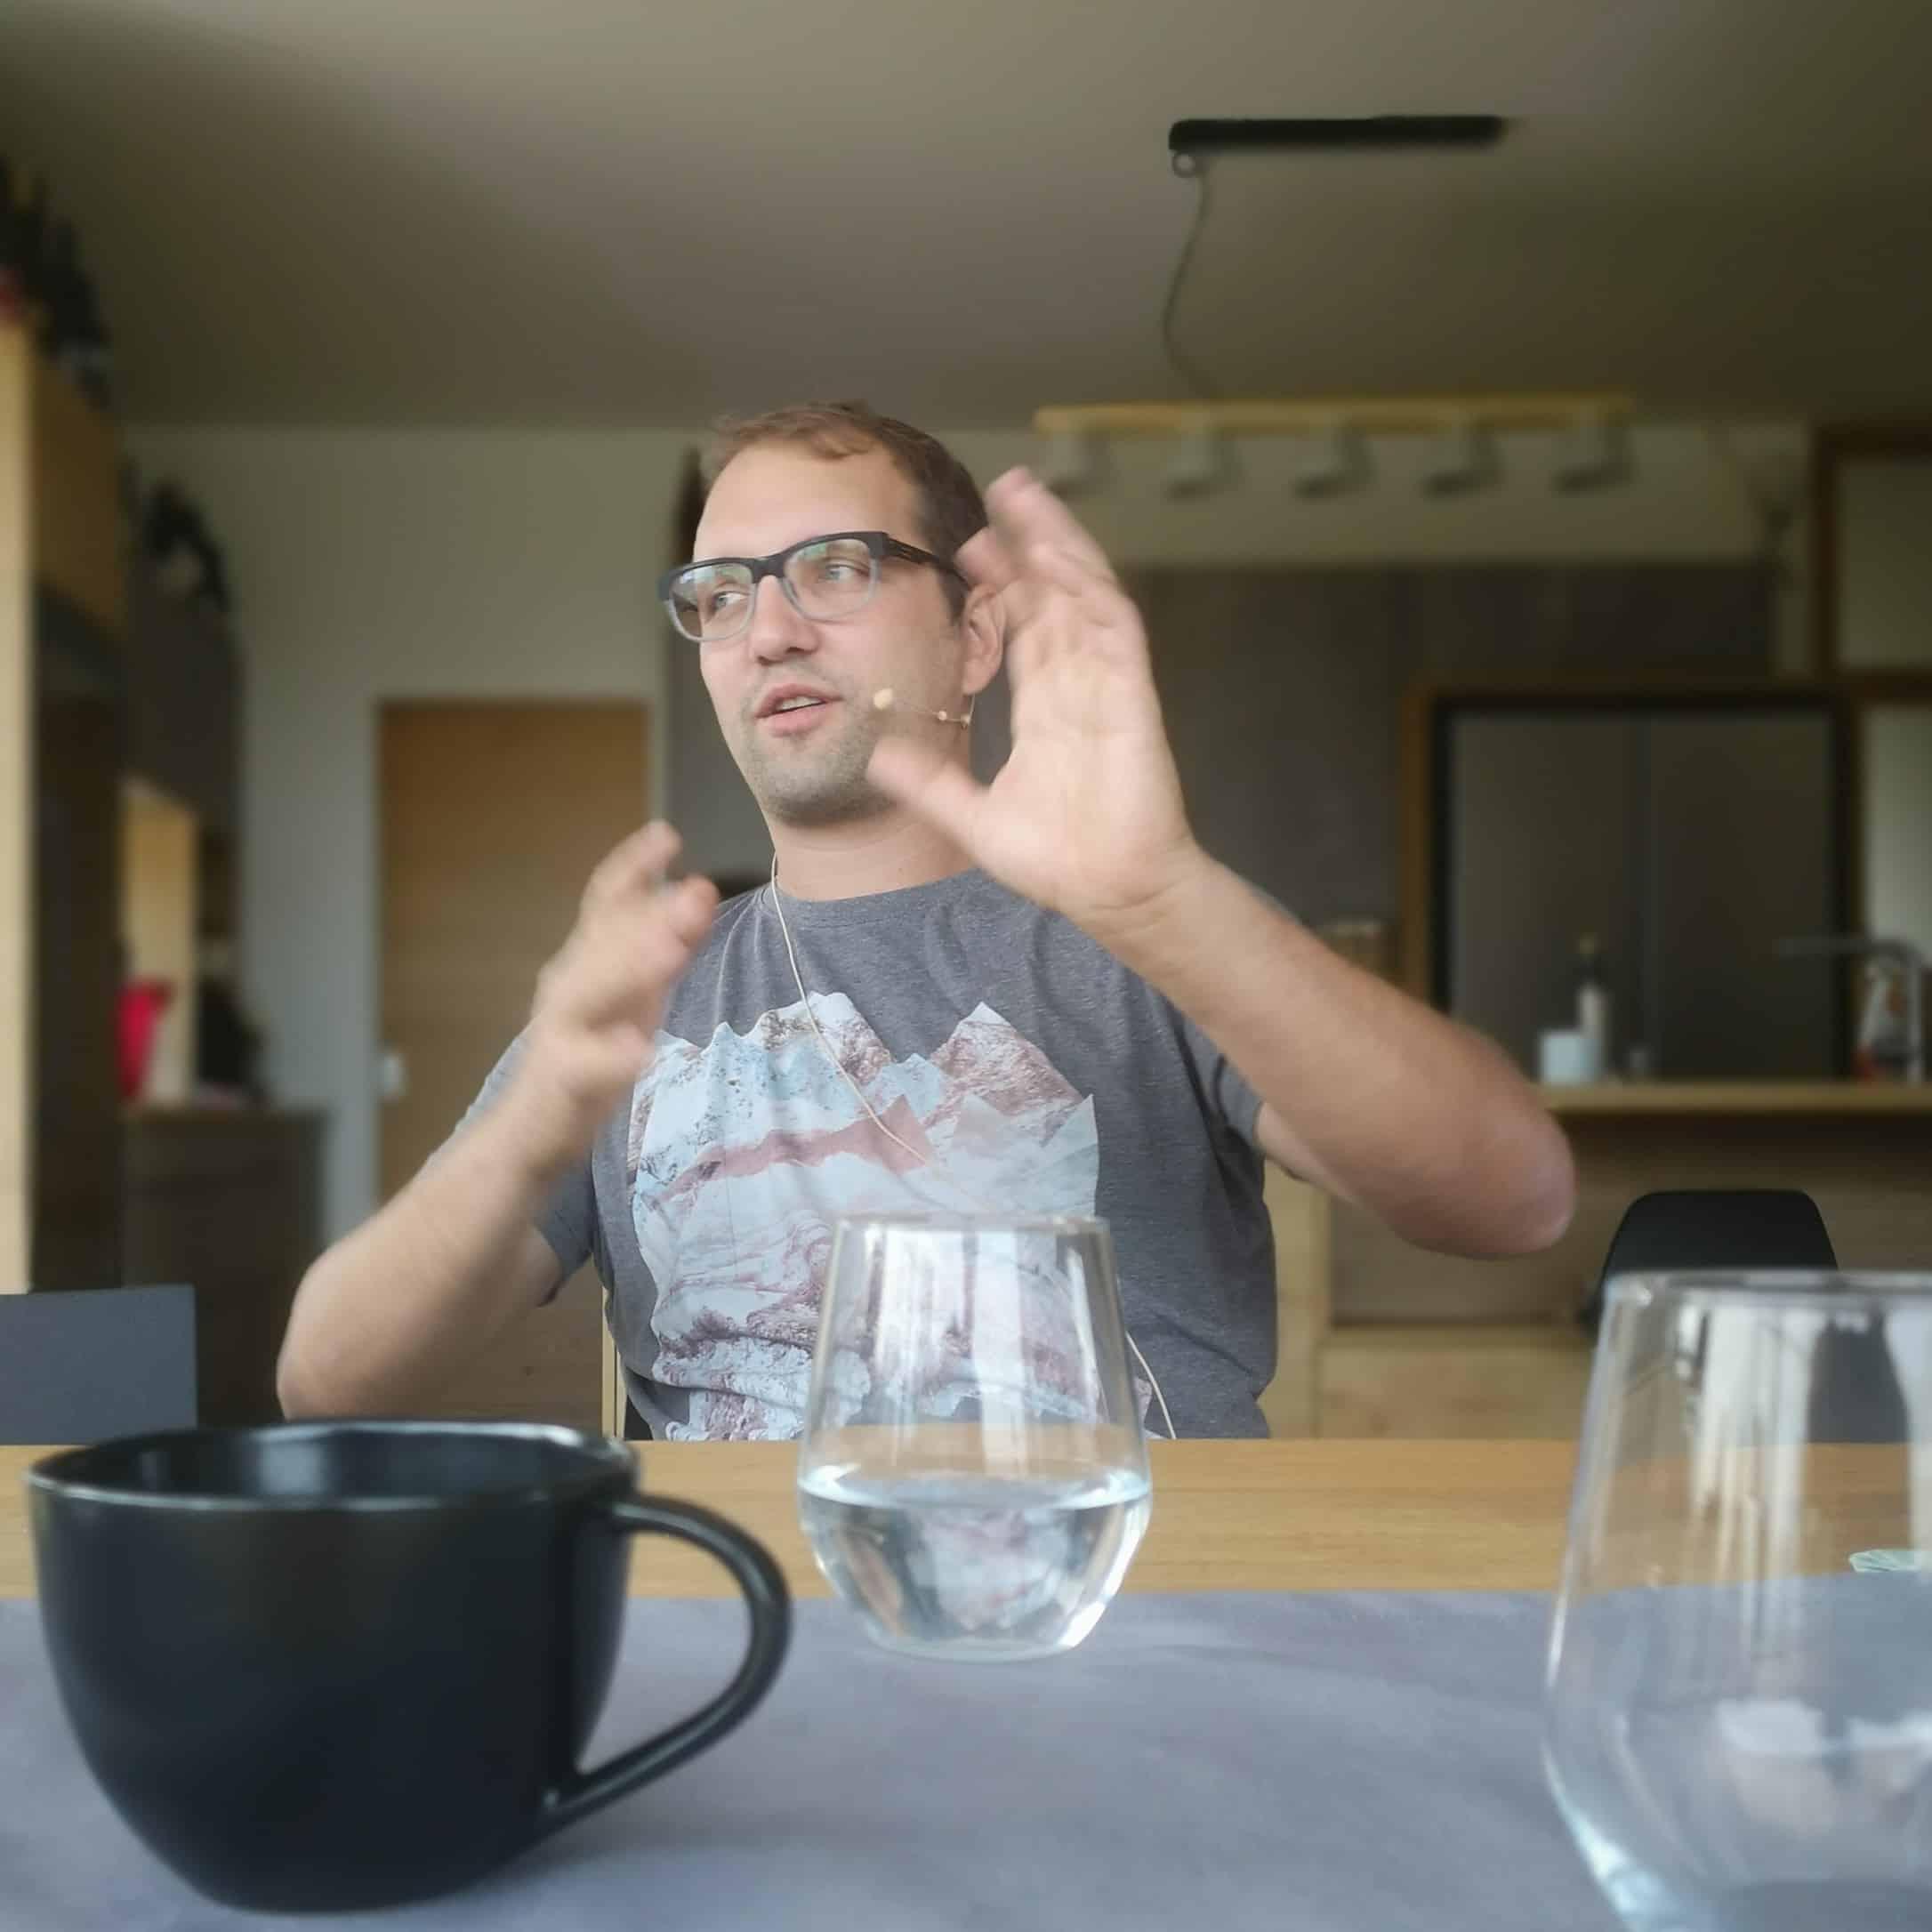 Christoph Unfried - Obstbauer ist grad sehr am erklären